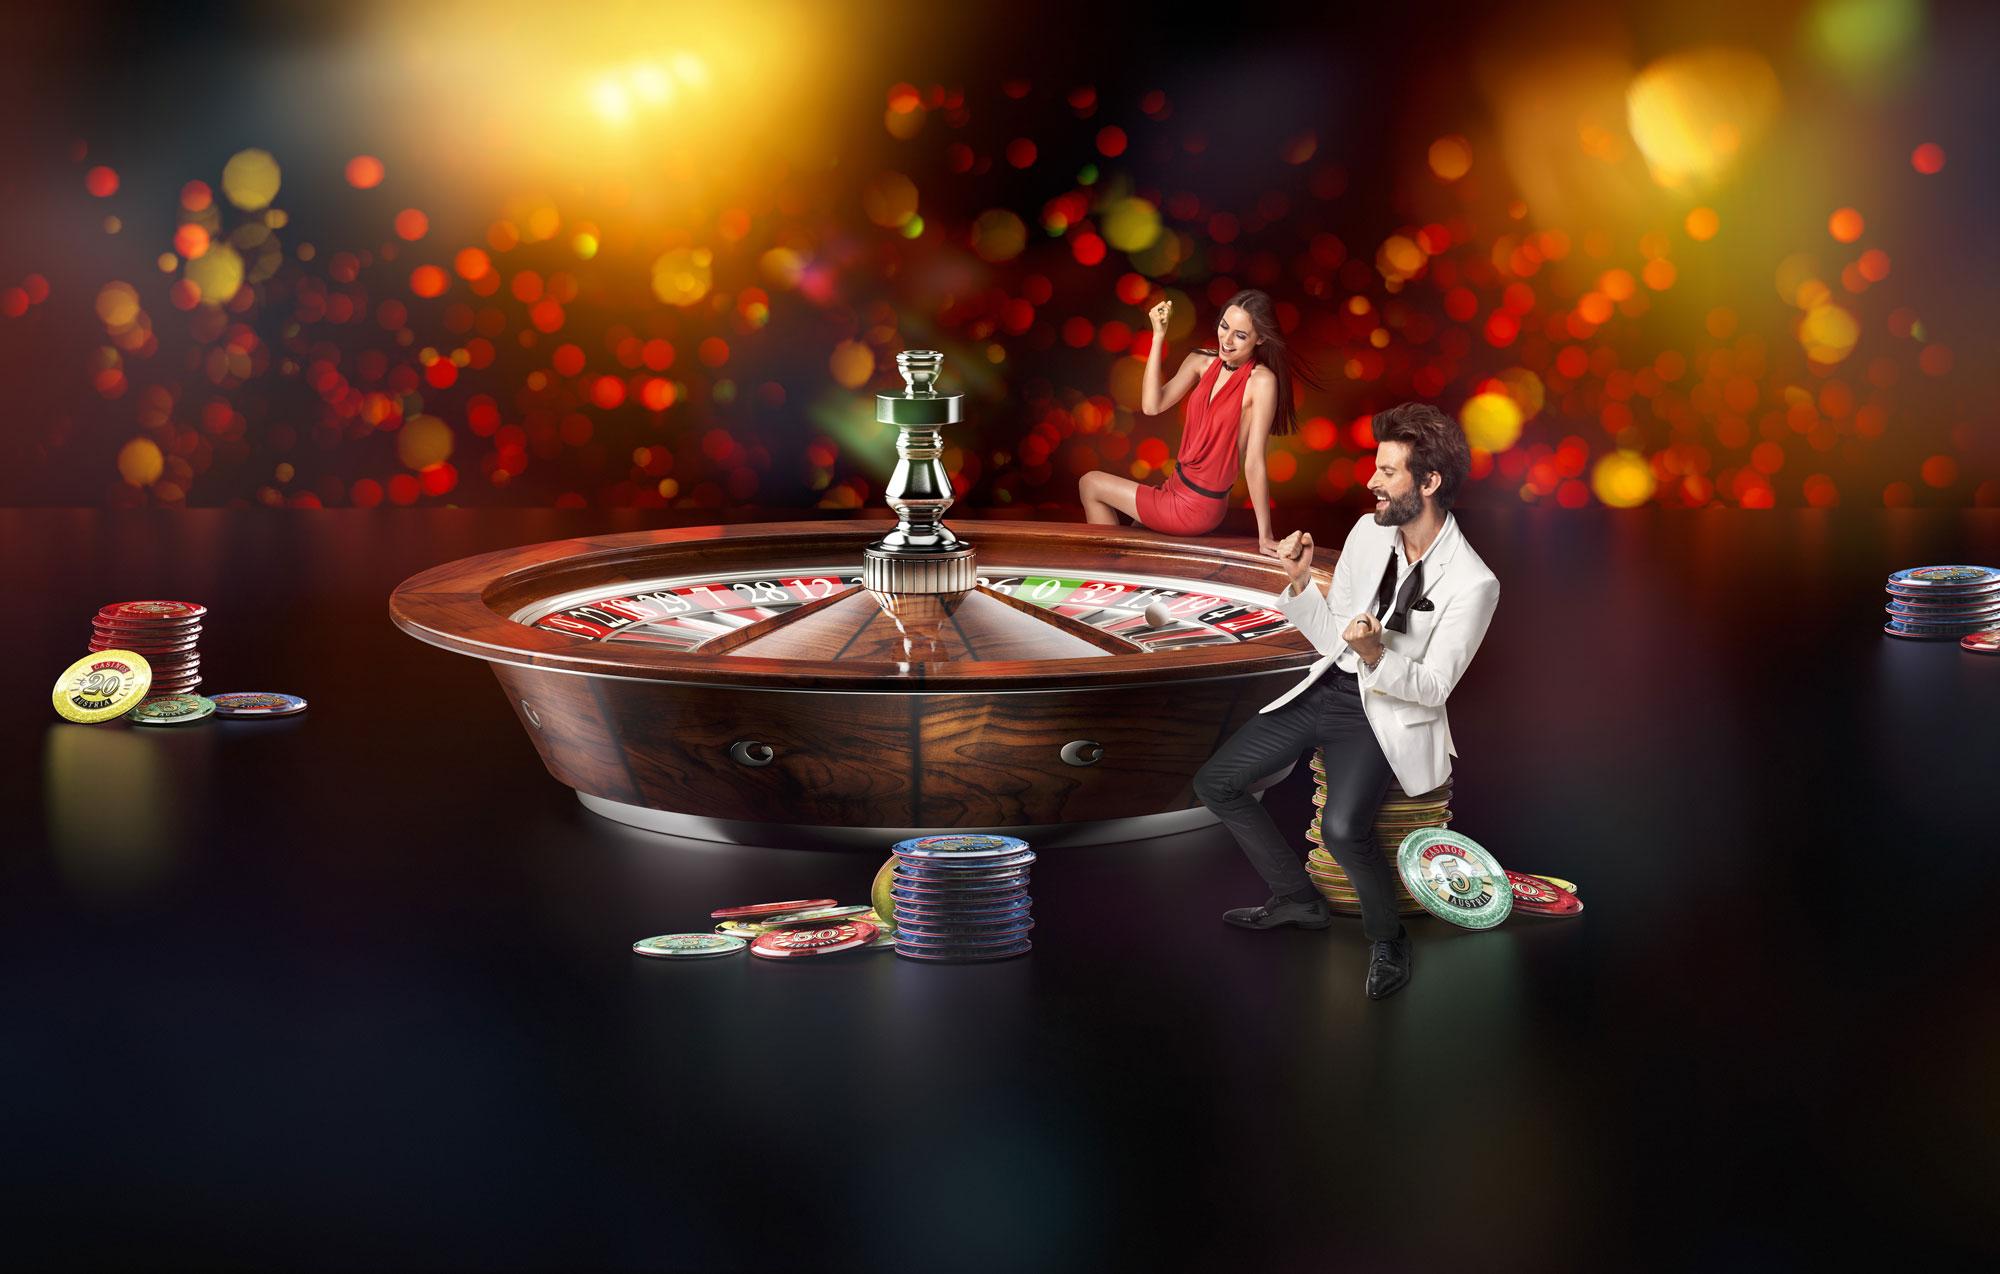 สมัคร HappyLuke คาสิโนออนไลน์ เครดิตฟรี 300 บาท รับเลย! Casino88th.com